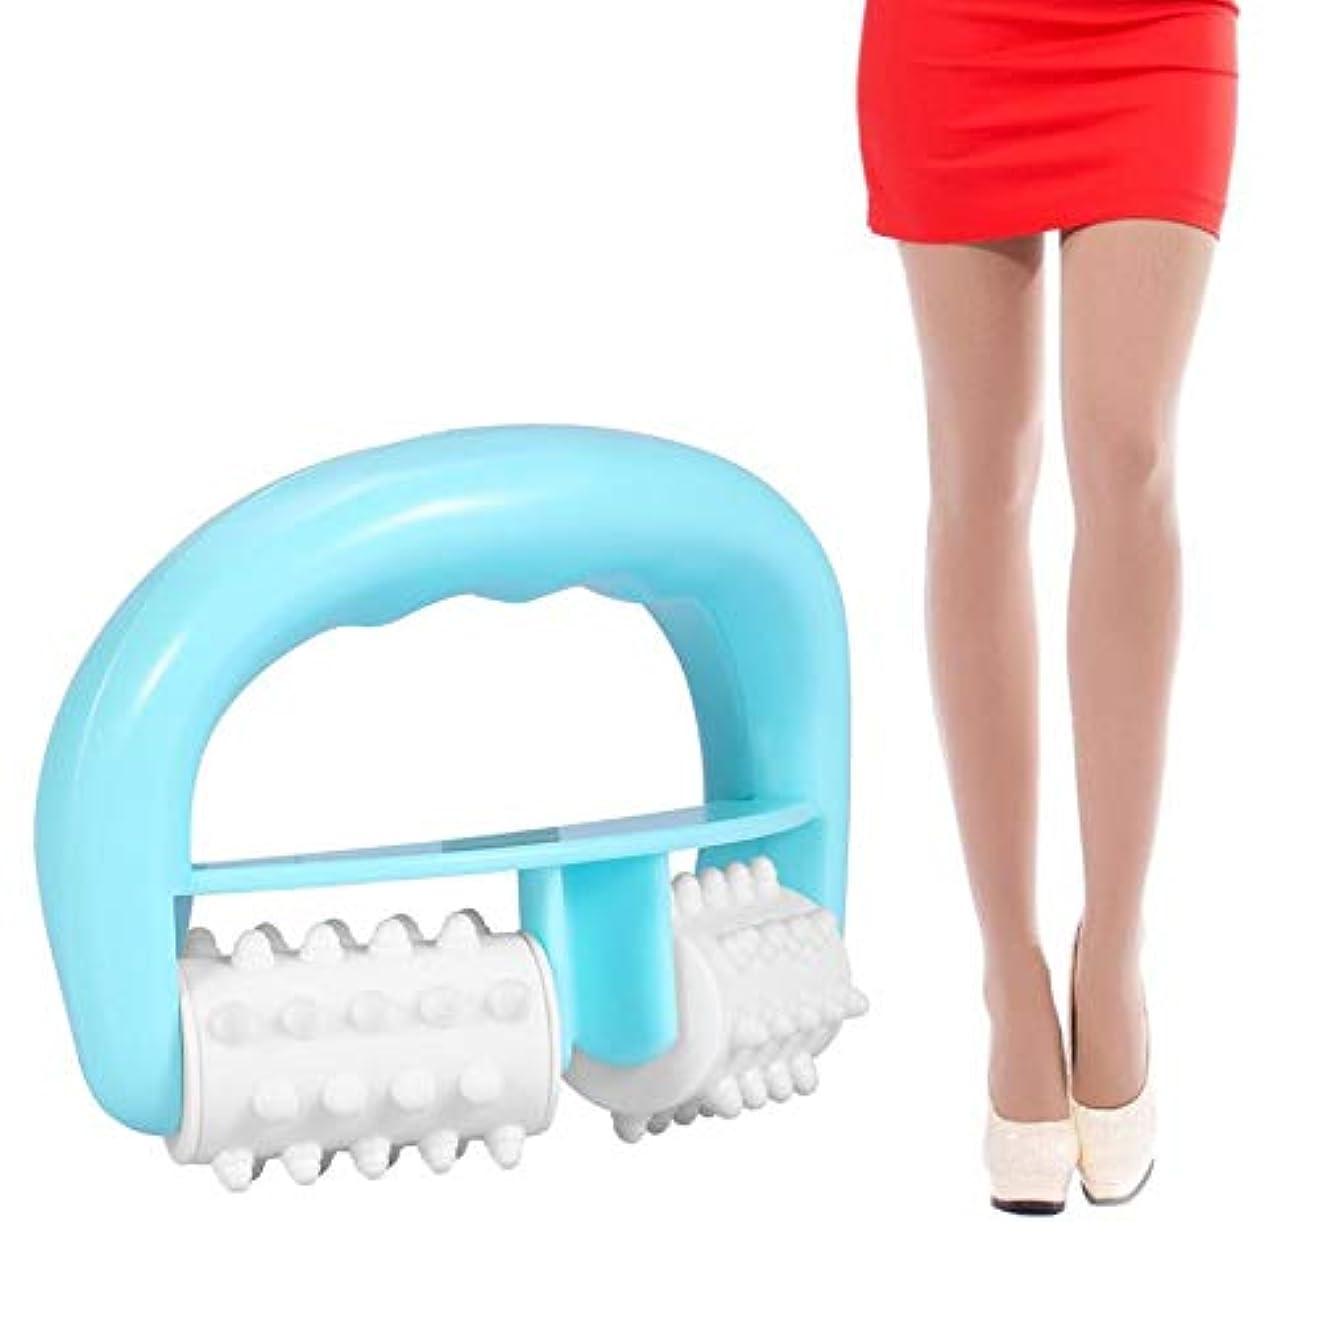 リークアラブ熱Handle Cell Roller Massager Mini Wheel Ball Slimming Body Leg Foot Hand Neck Fat Cellulite Control Pain Relief...